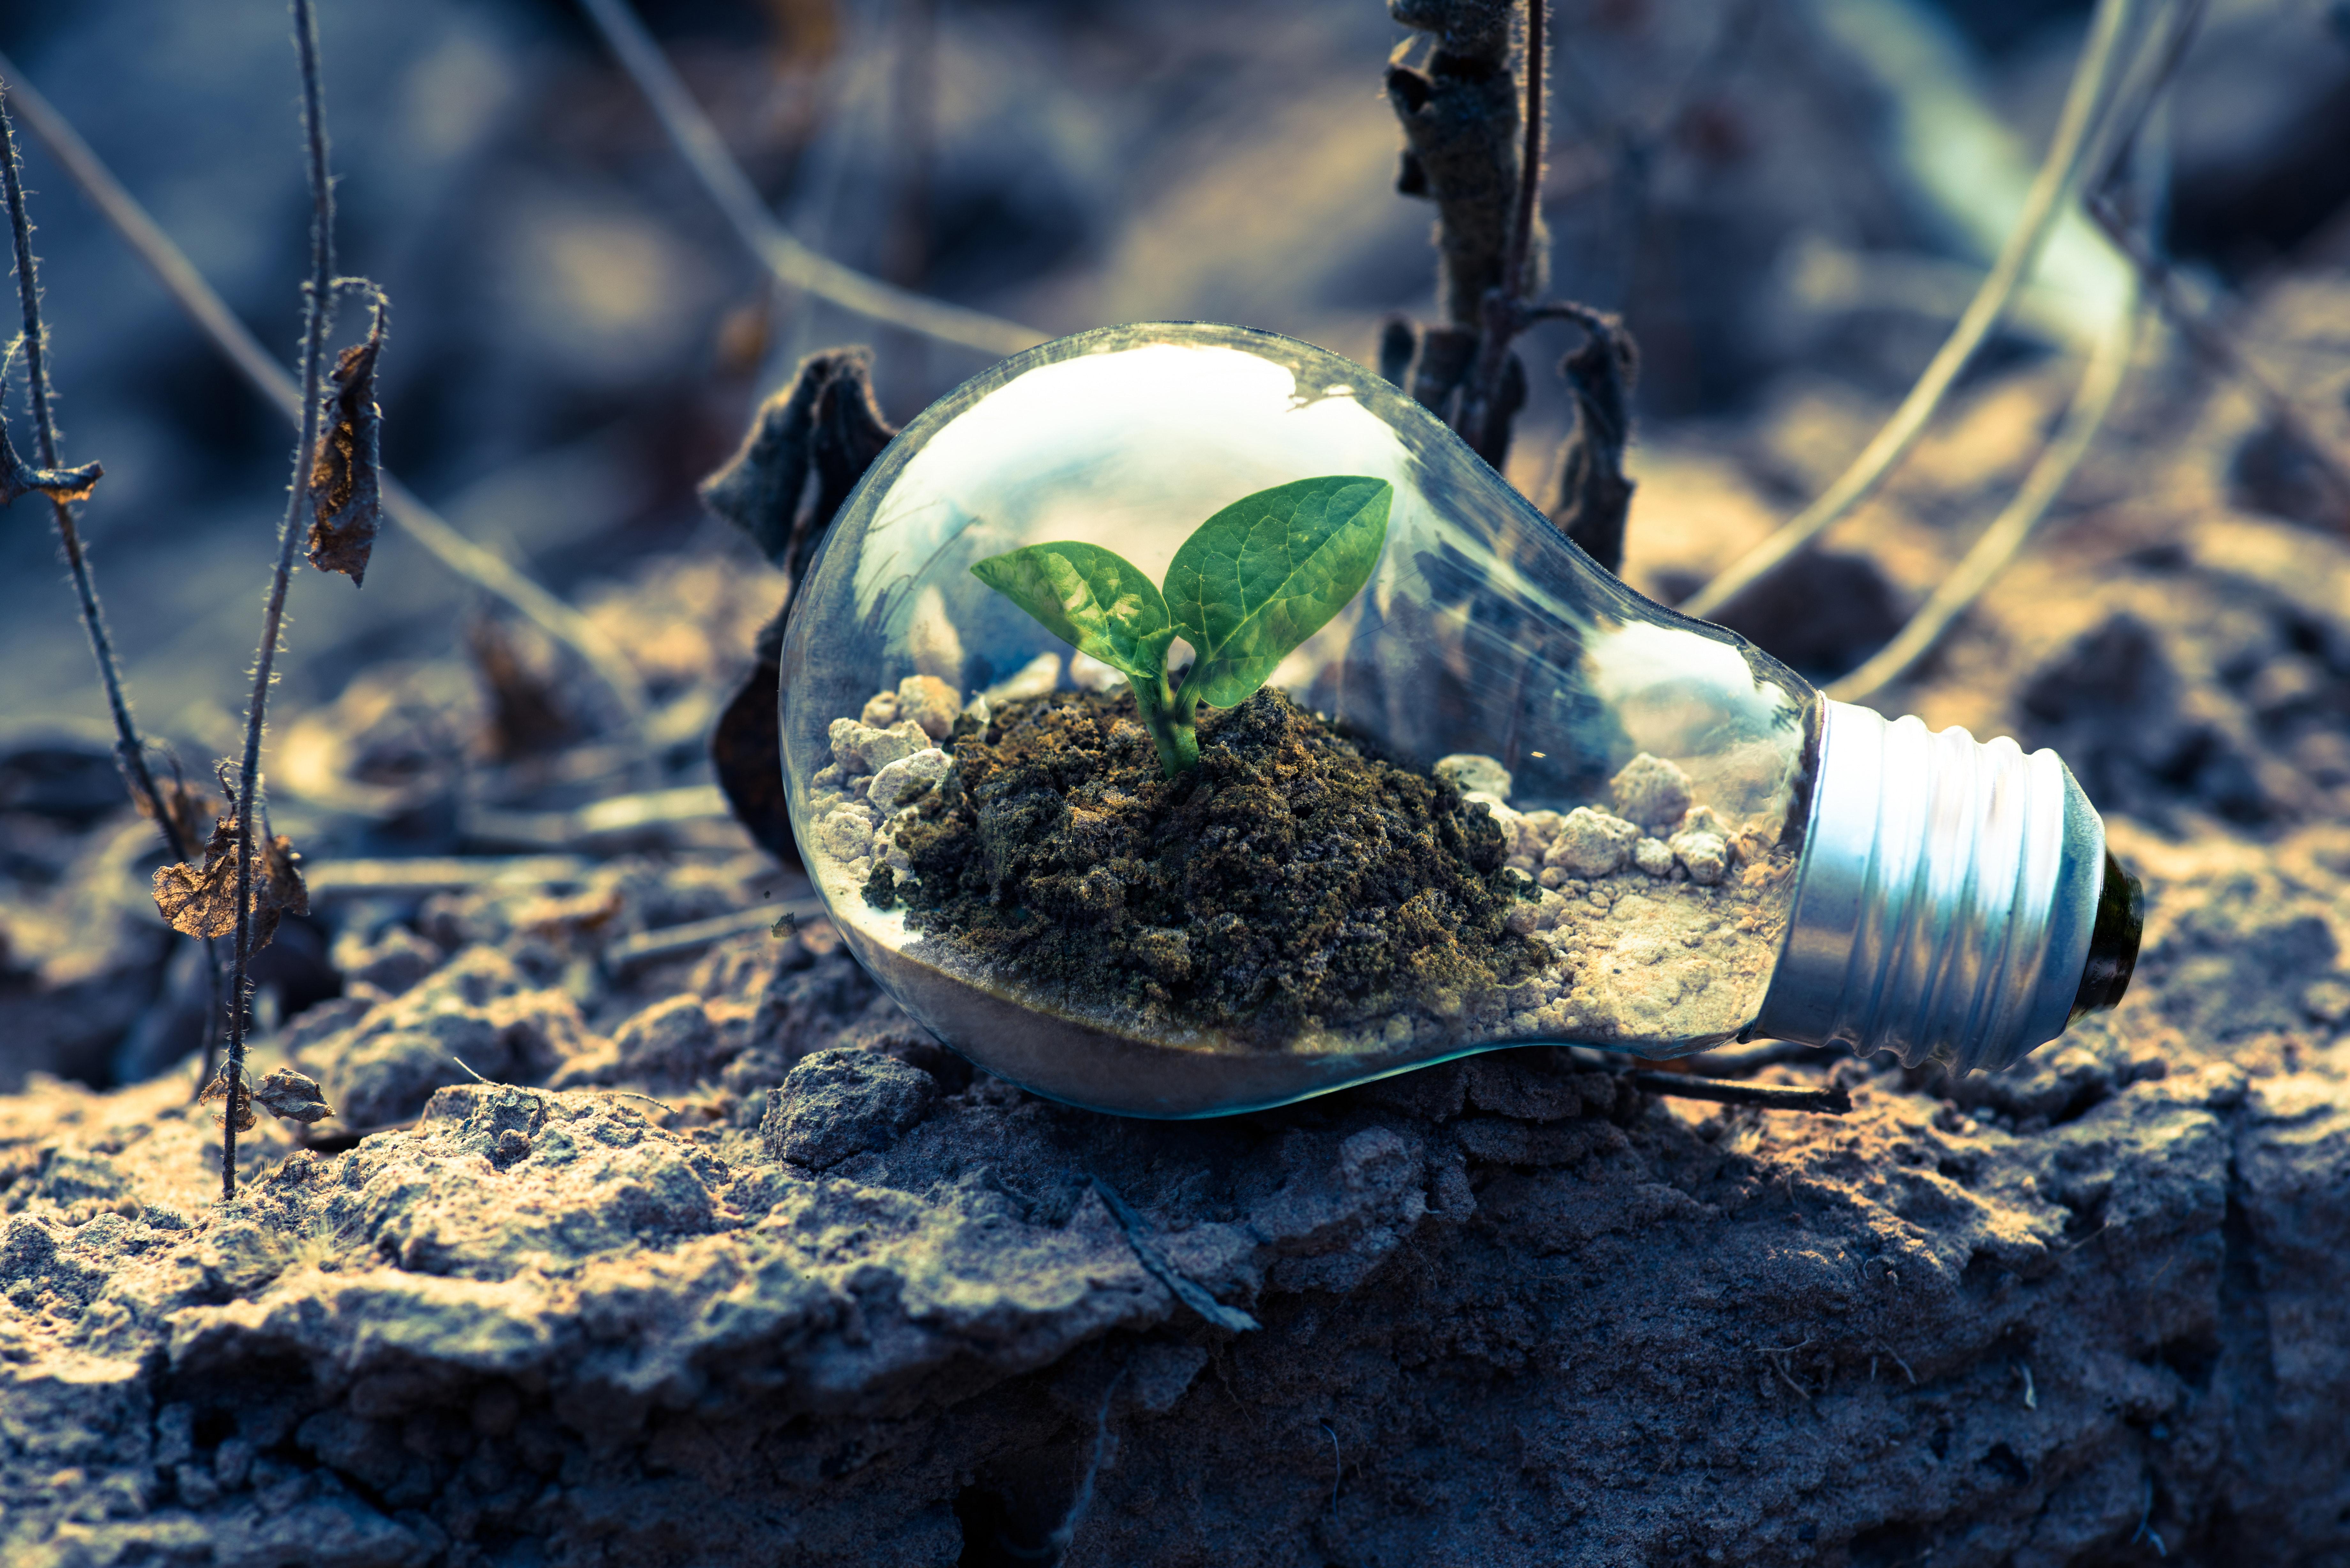 GROWTH IS INTENTIONAL | Emmanuel Ahmadu